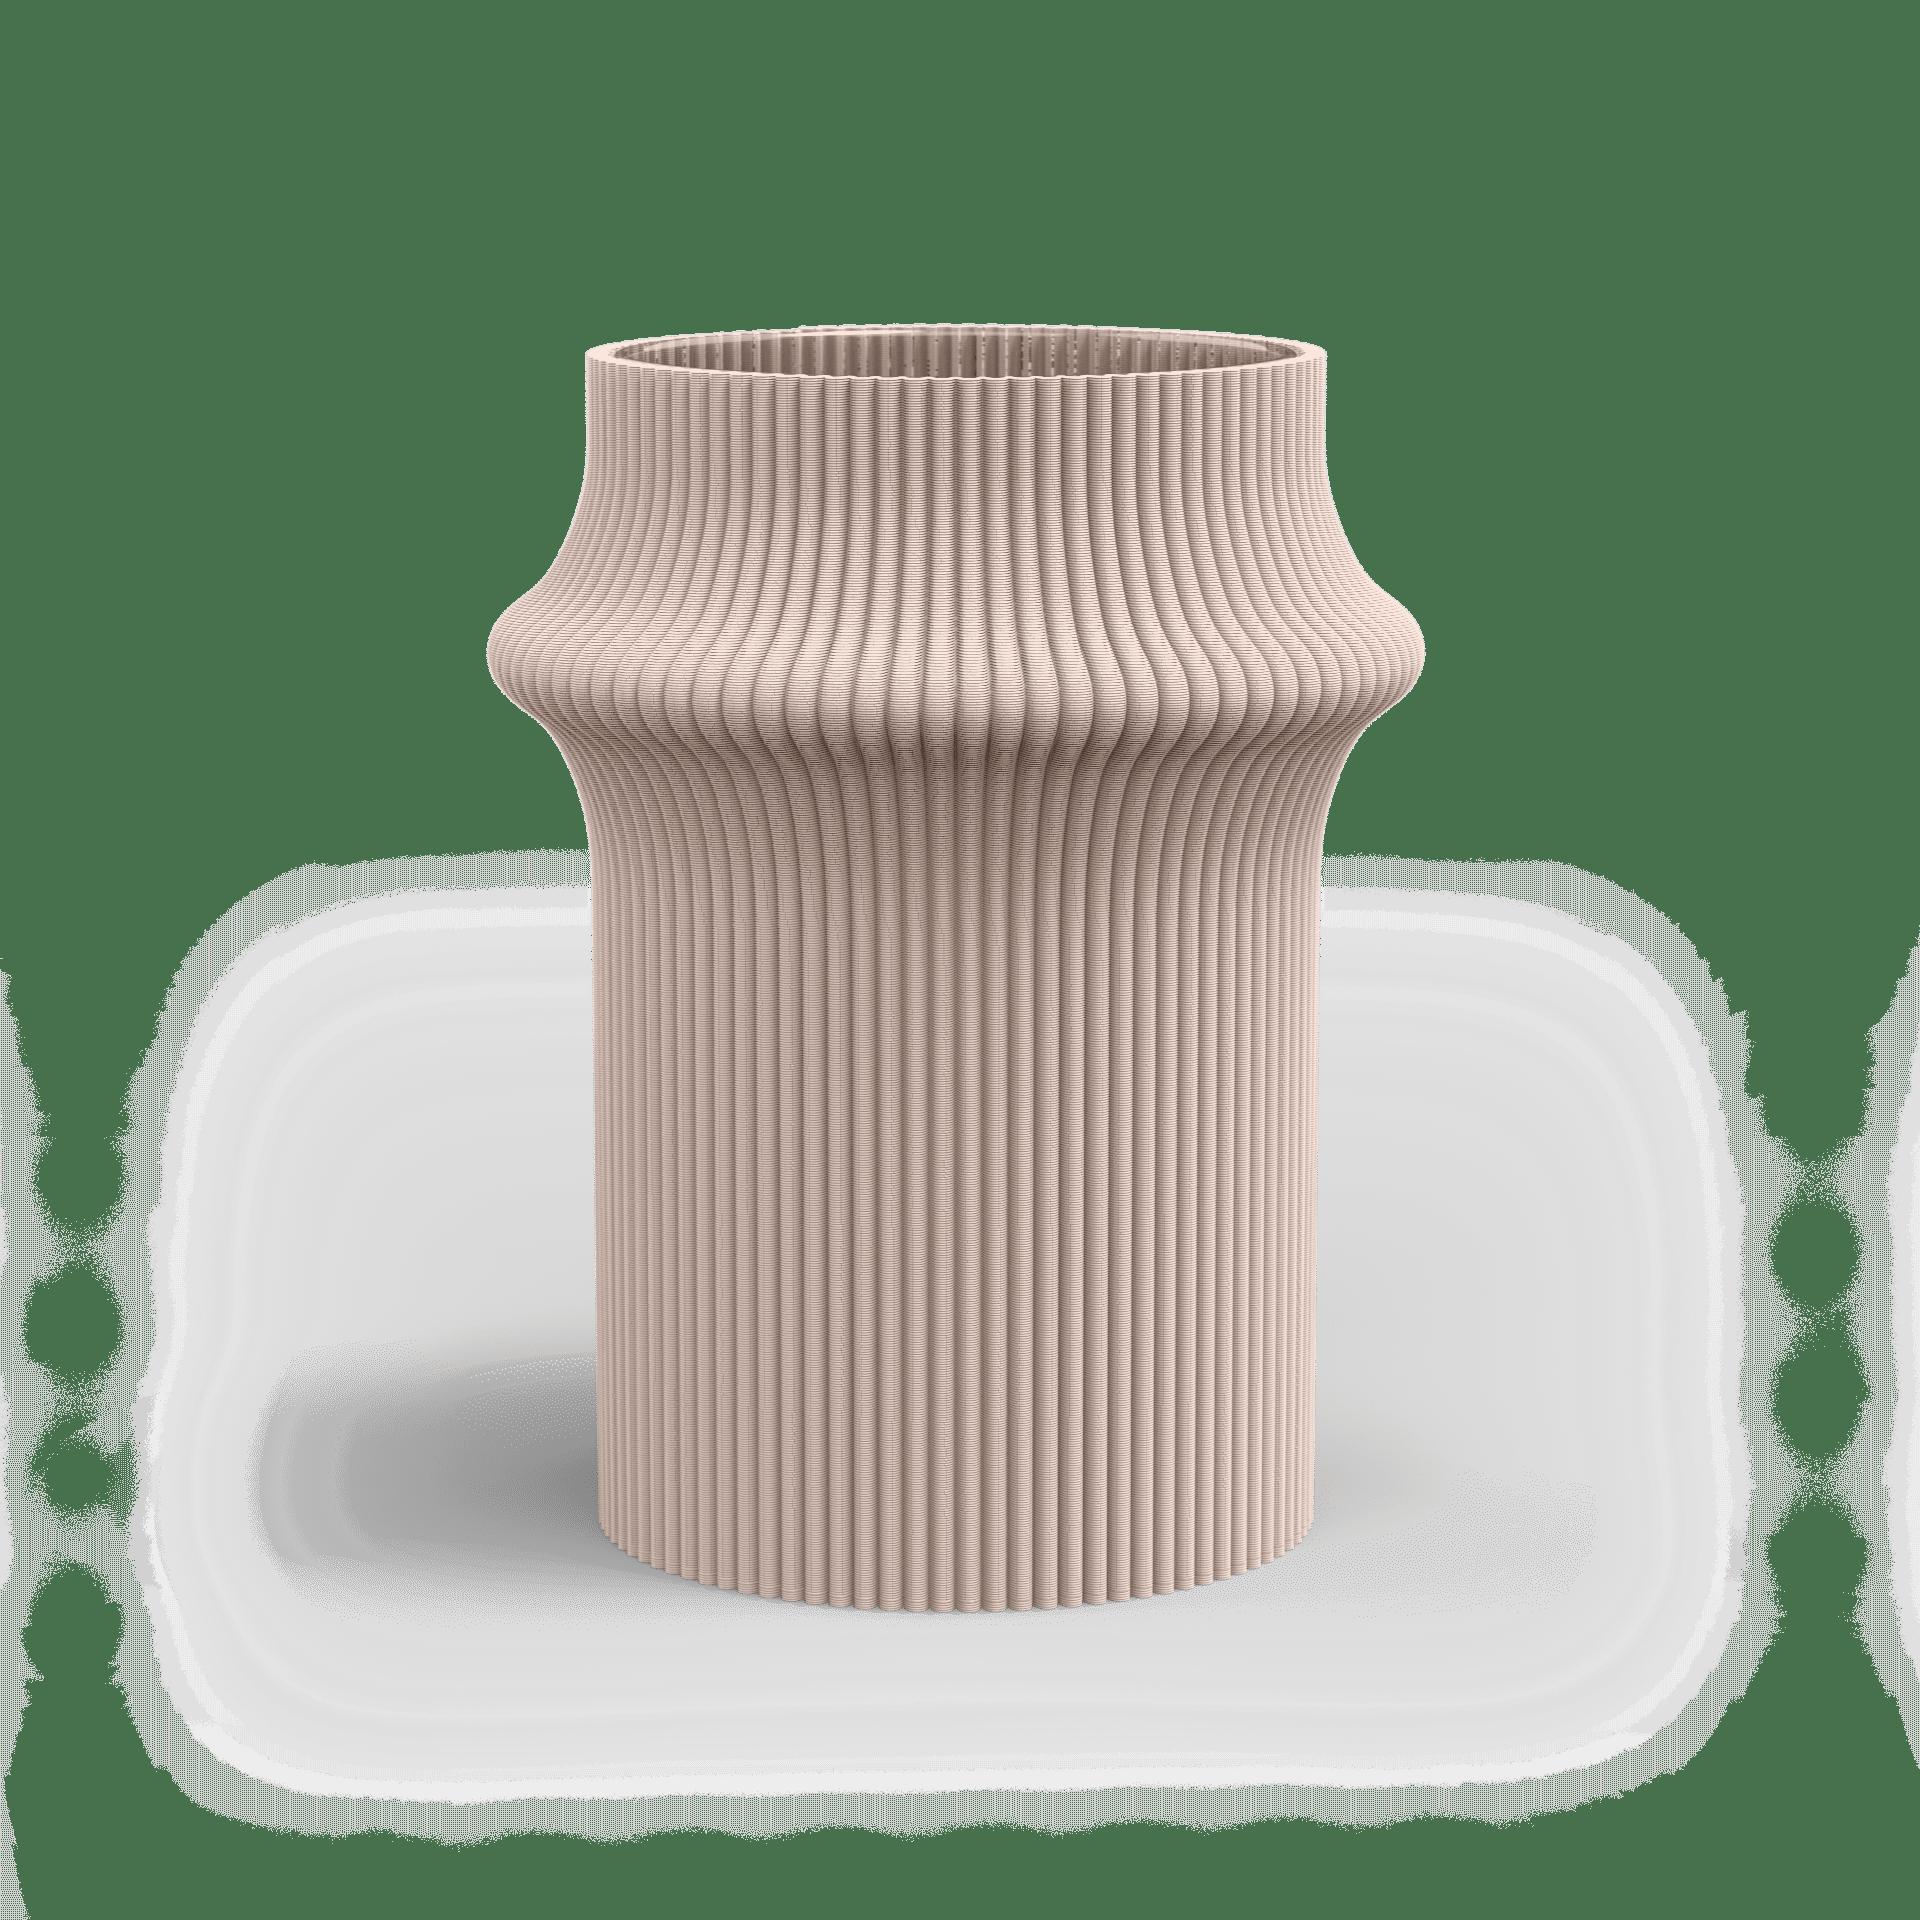 ZAYL 247g Vase Lark Beige PNG 1